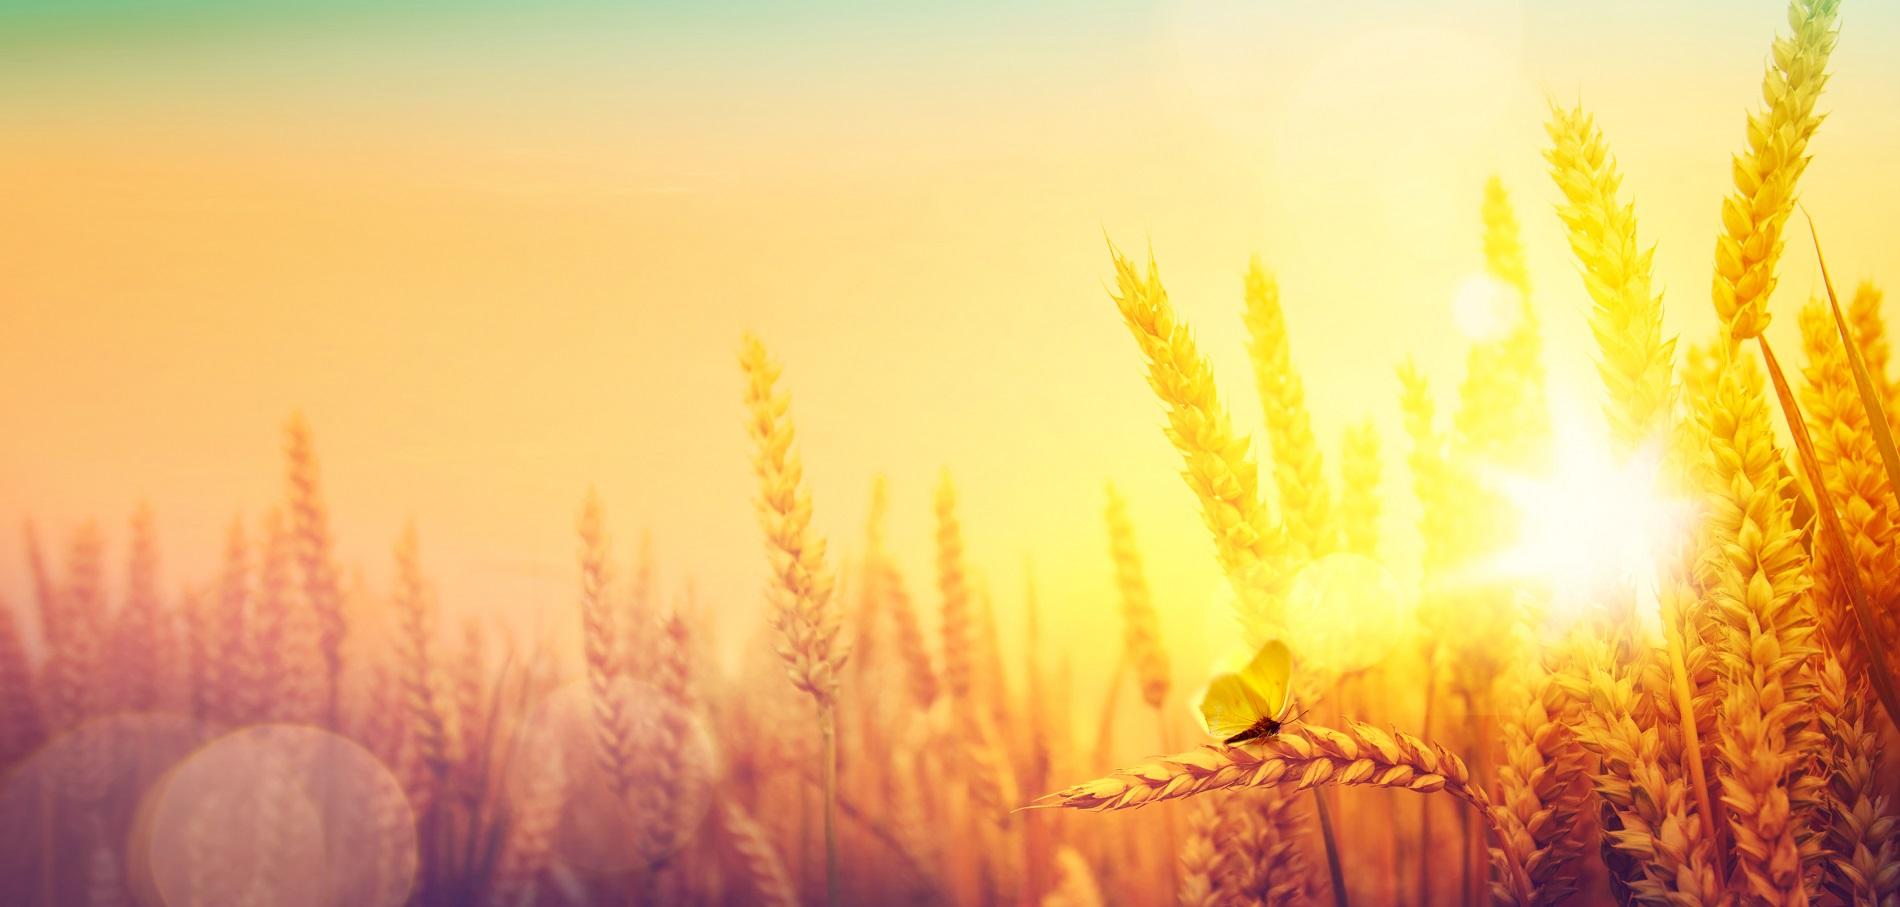 La agricultura es esencial para combatir el cambio climático